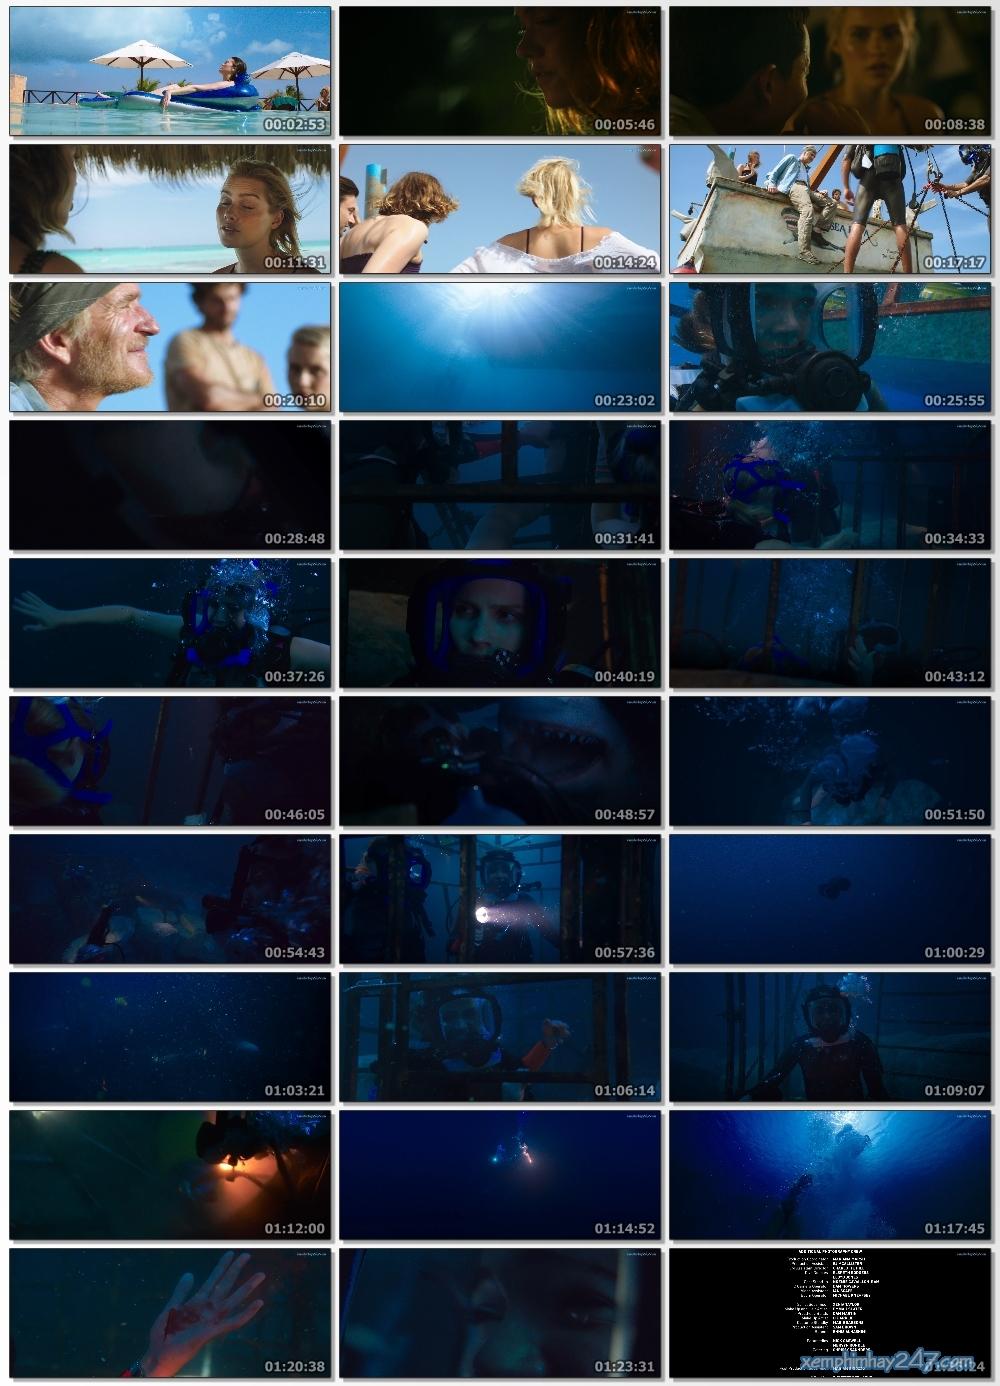 http://xemphimhay247.com - Xem phim hay 247 - Hung Thần Đại Dương (2017) - 47 Meters Down (2017)